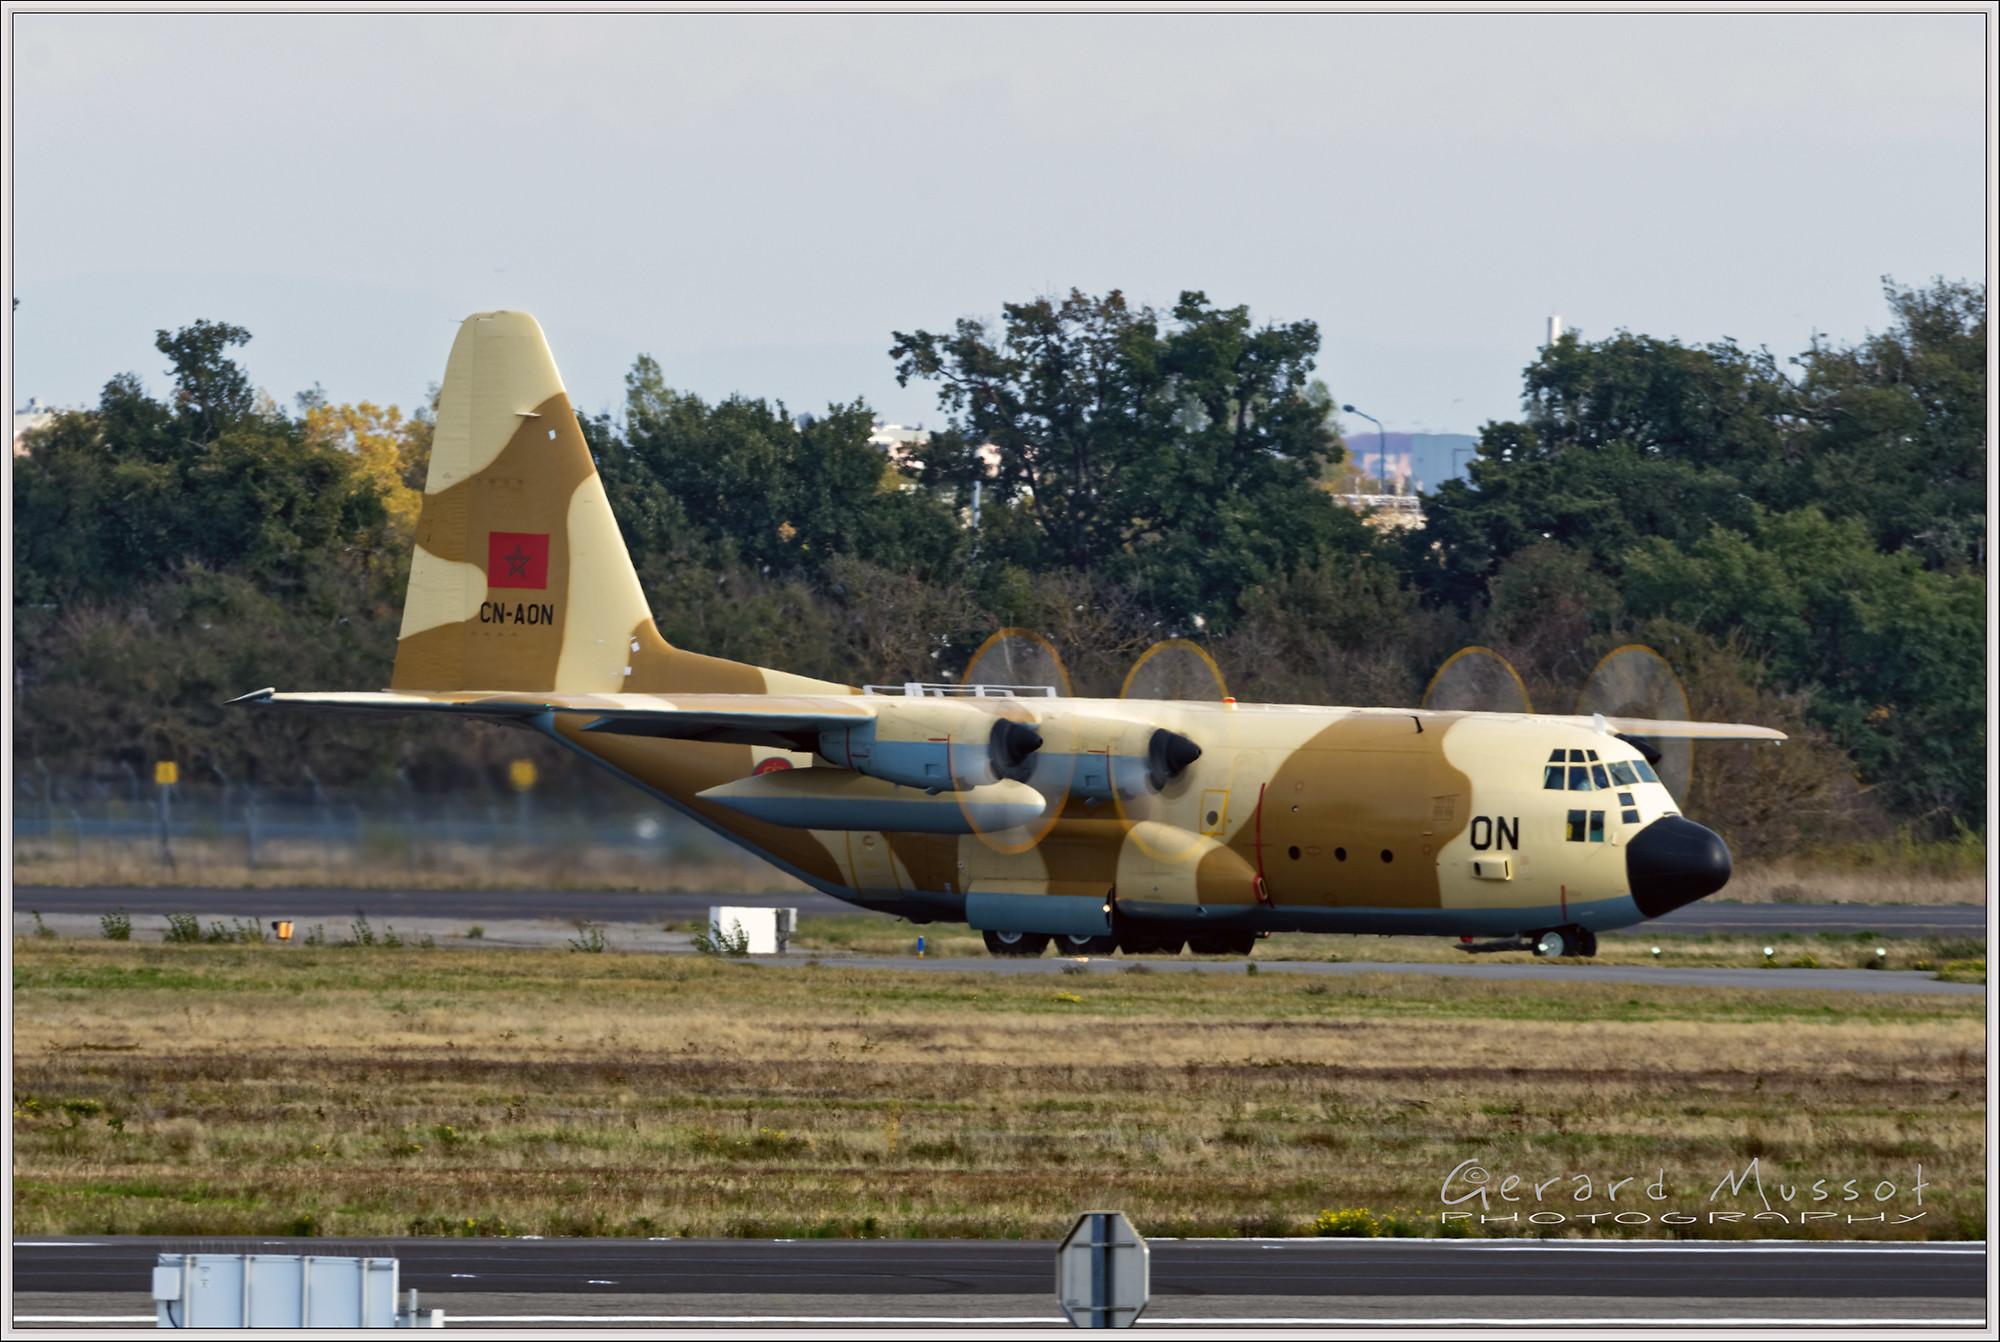 FRA: Photos d'avions de transport - Page 41 50517066228_a691d99a37_k